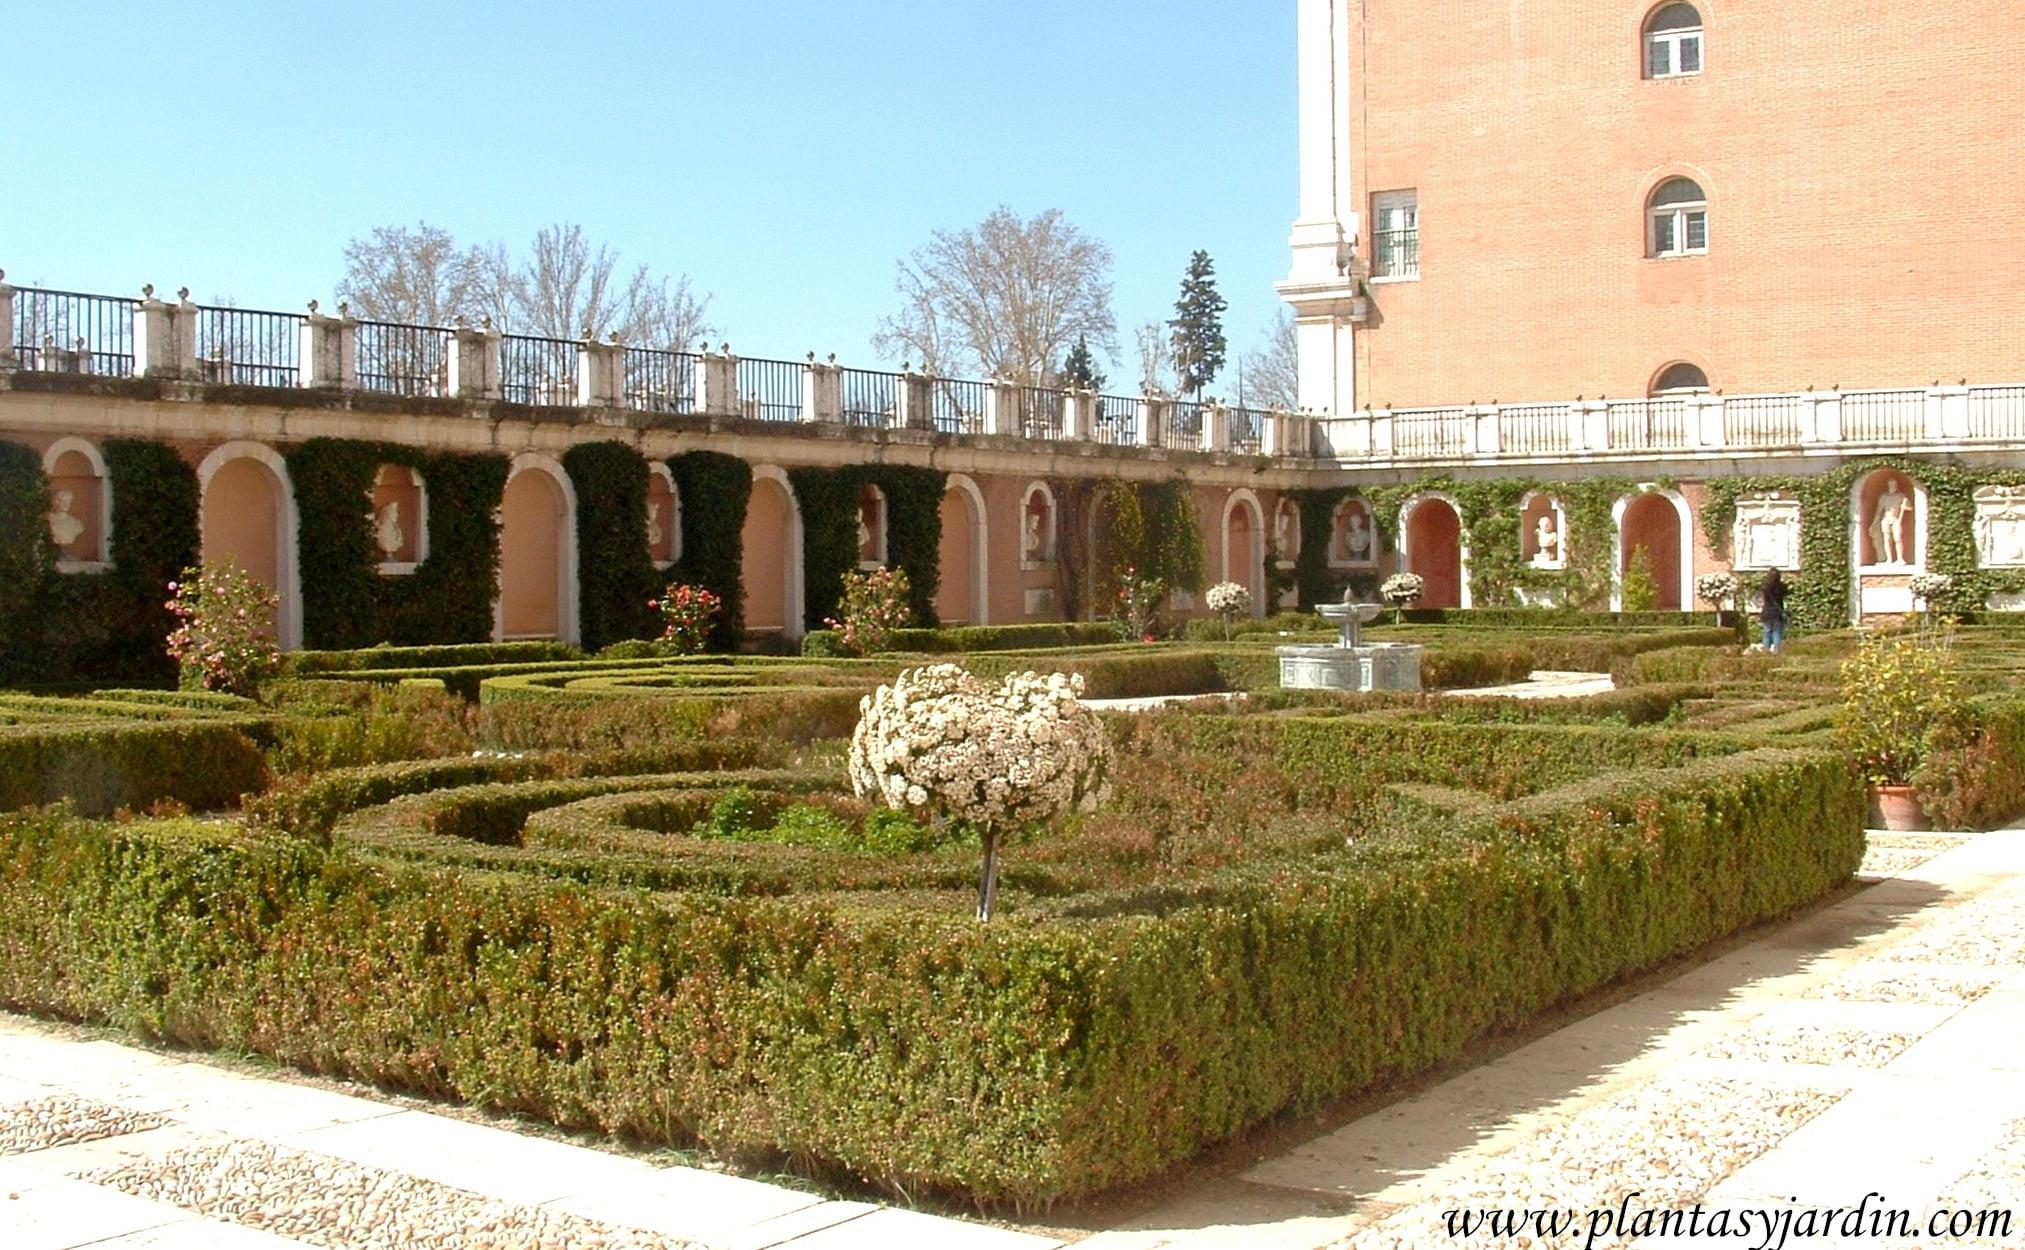 Parterres plantas jard n for Restaurante jardin del principe en aranjuez